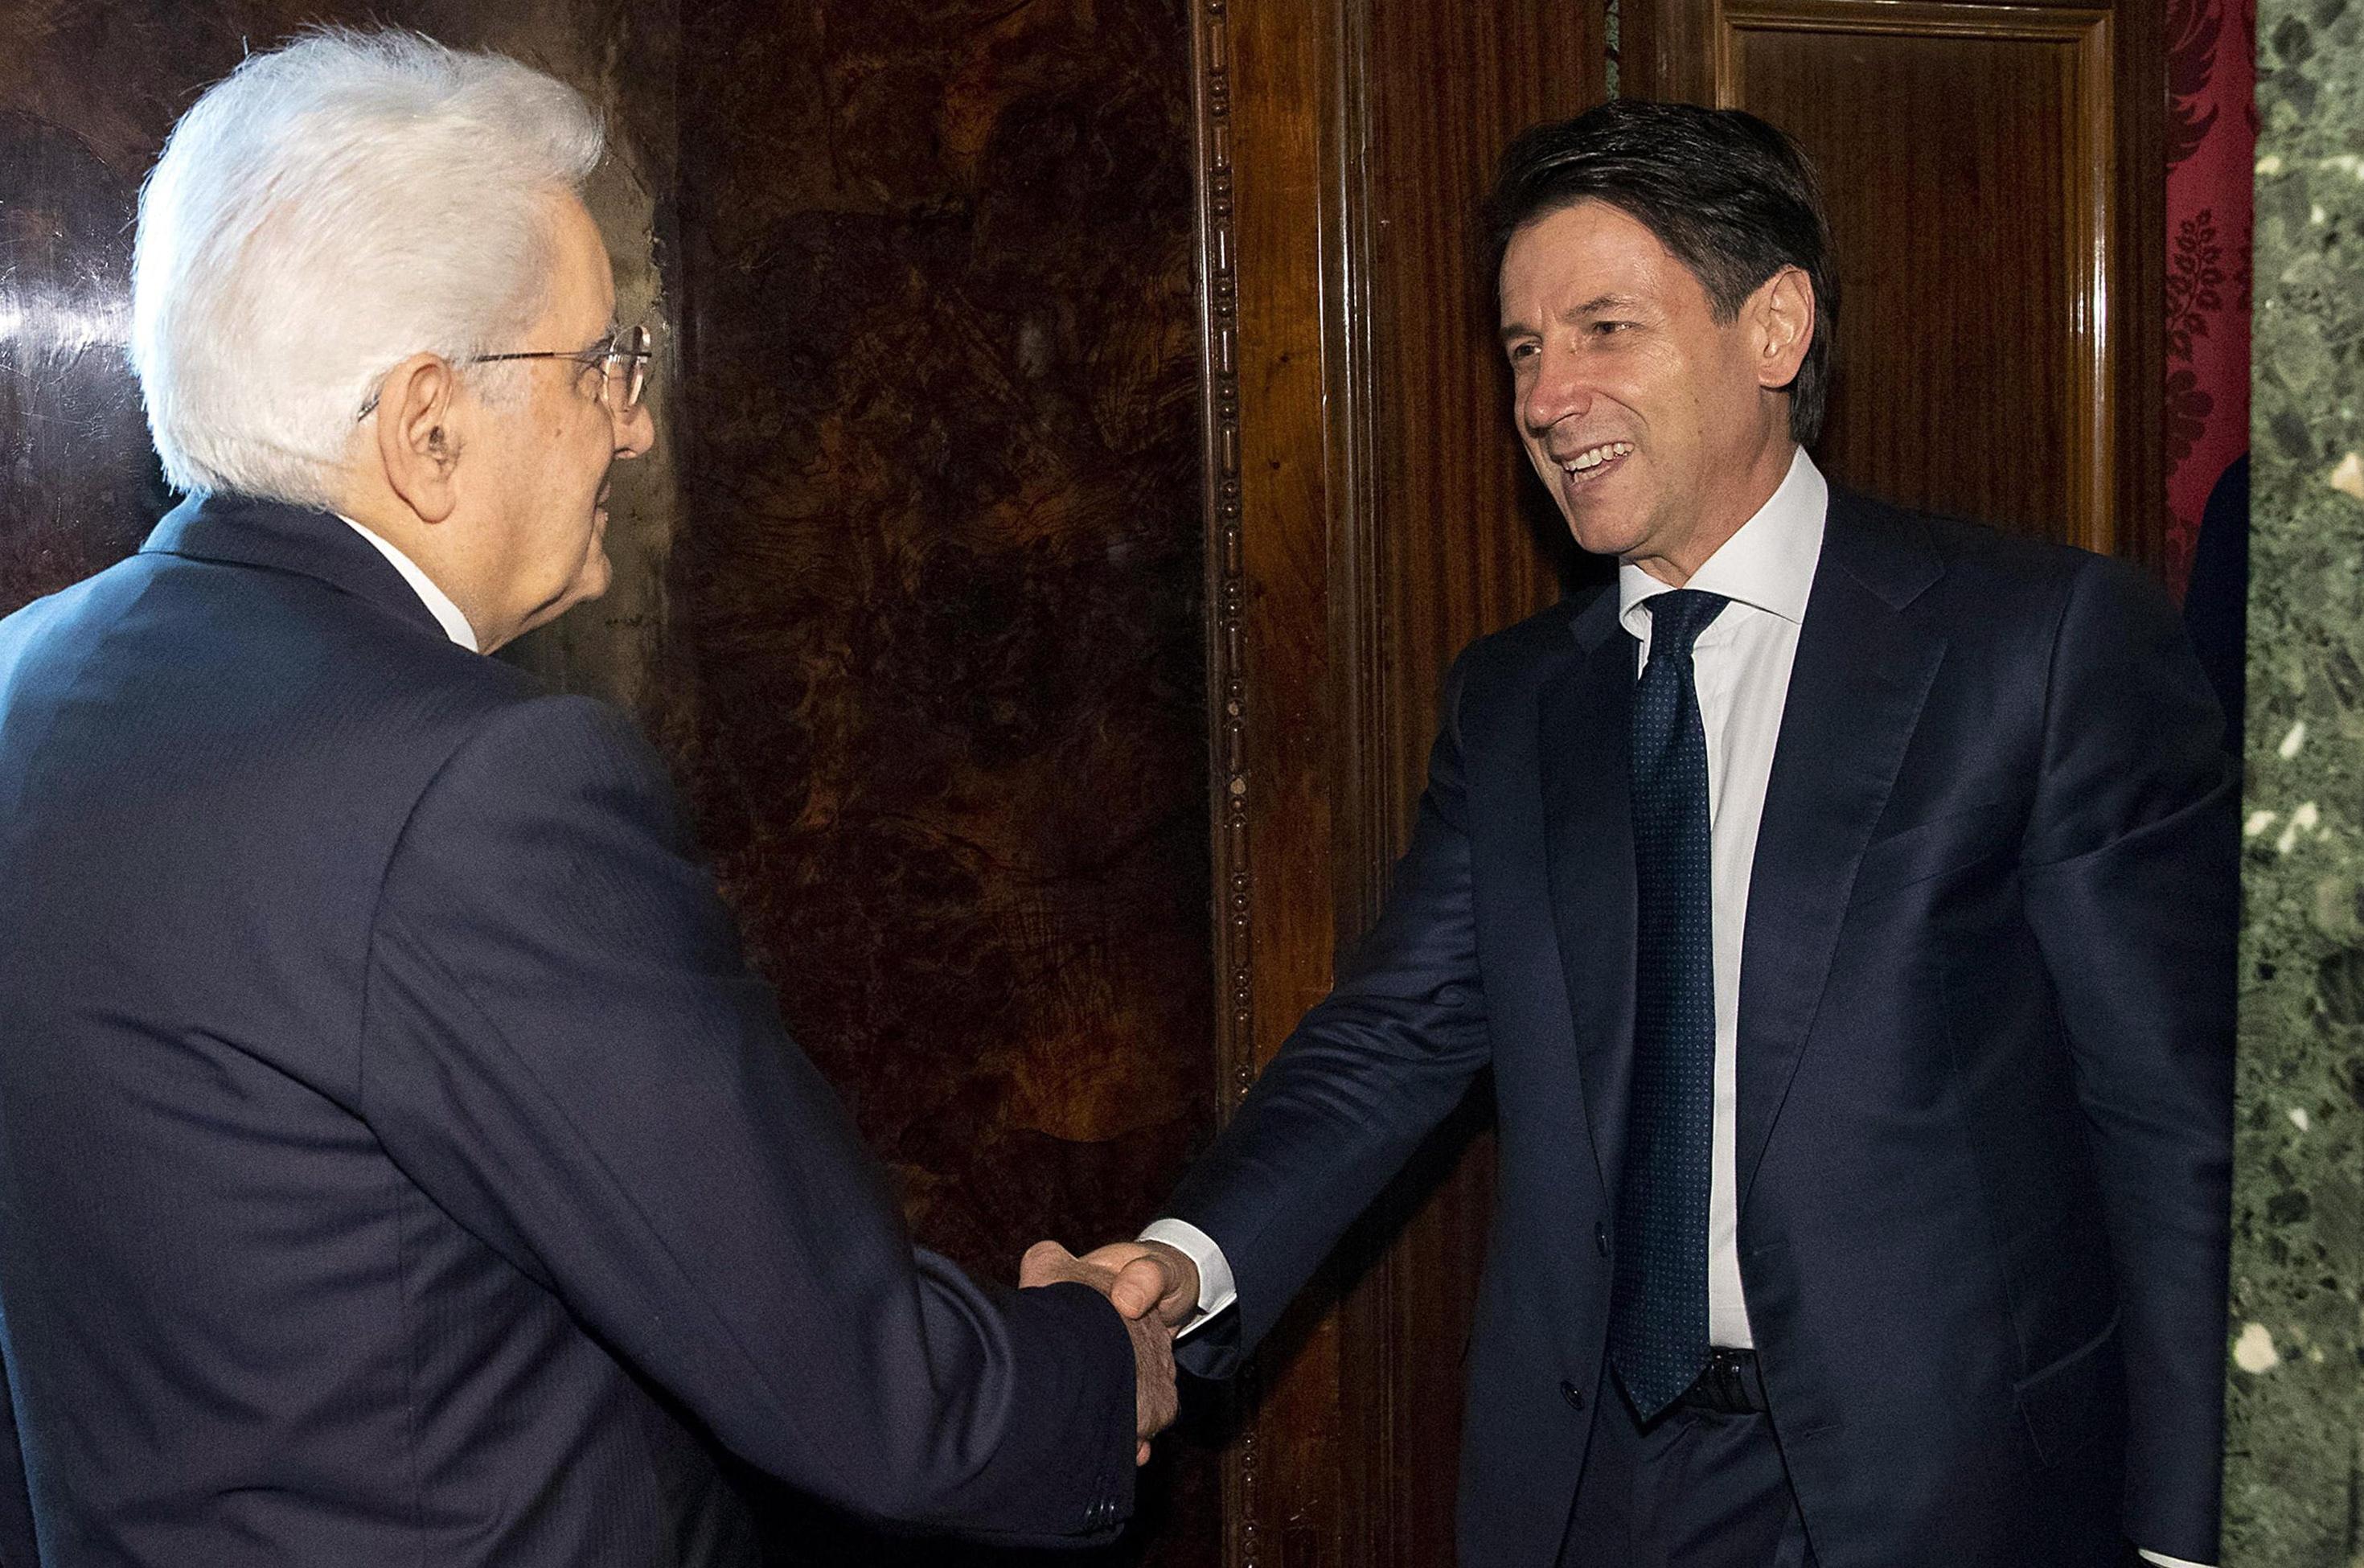 se-politiki-krisi-vythizetai-i-italia-meta-to-veto-matarela1